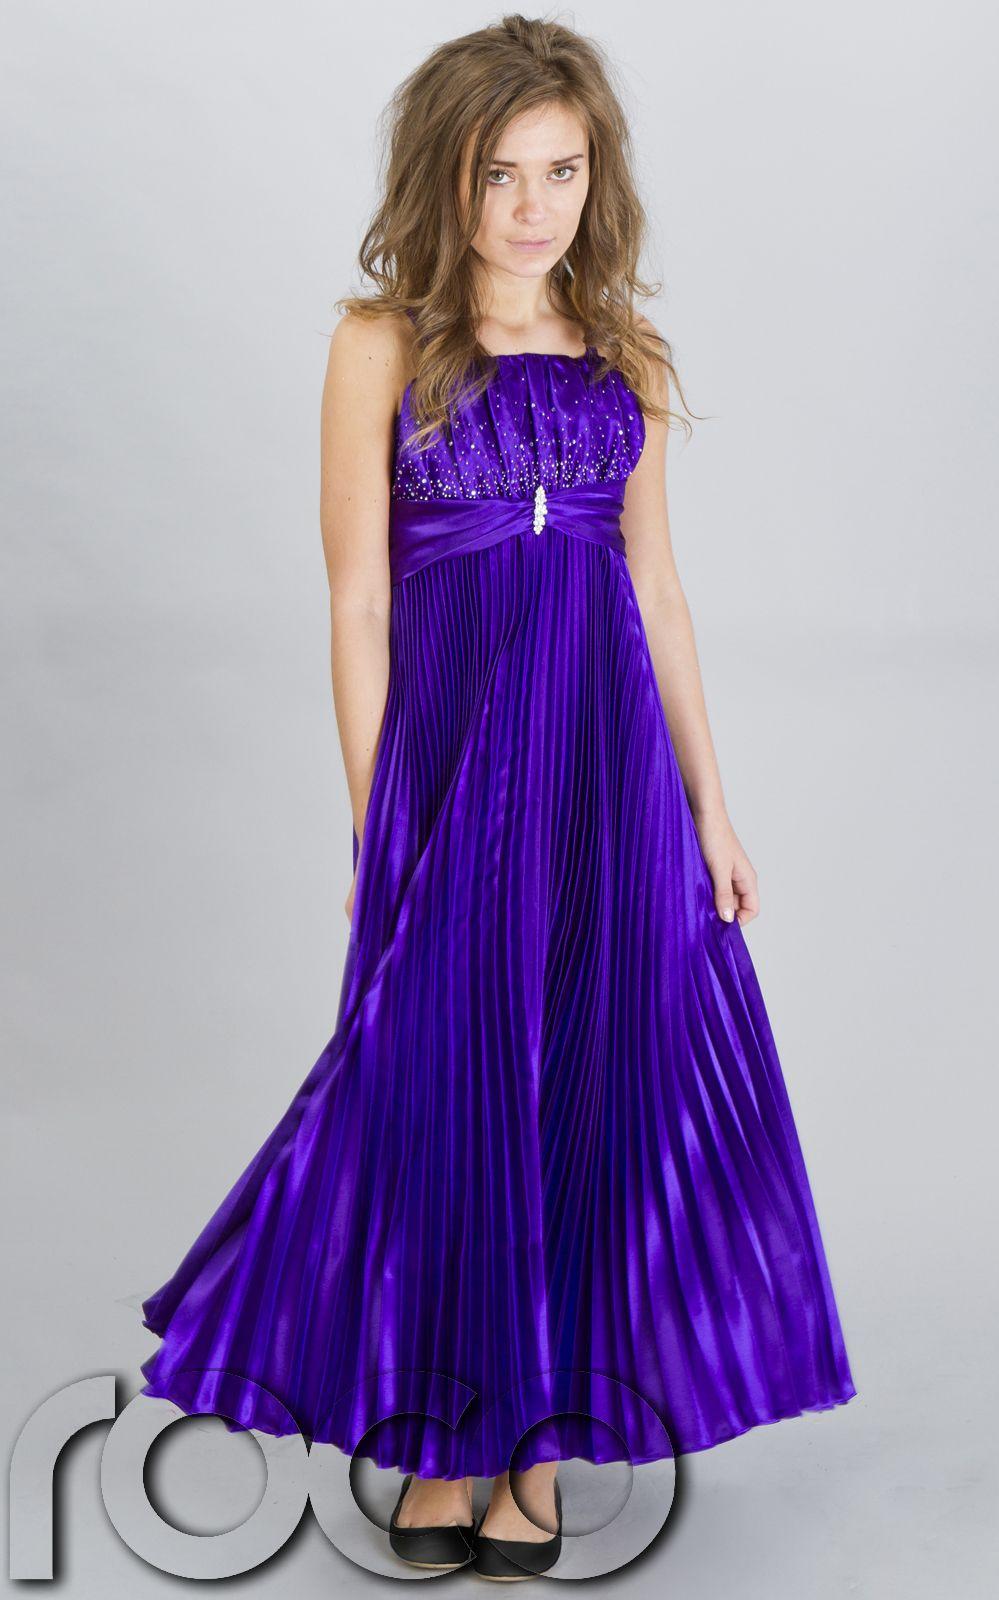 Encantador Niñas Trajes Prom Viñeta - Vestido de Novia Para Las ...